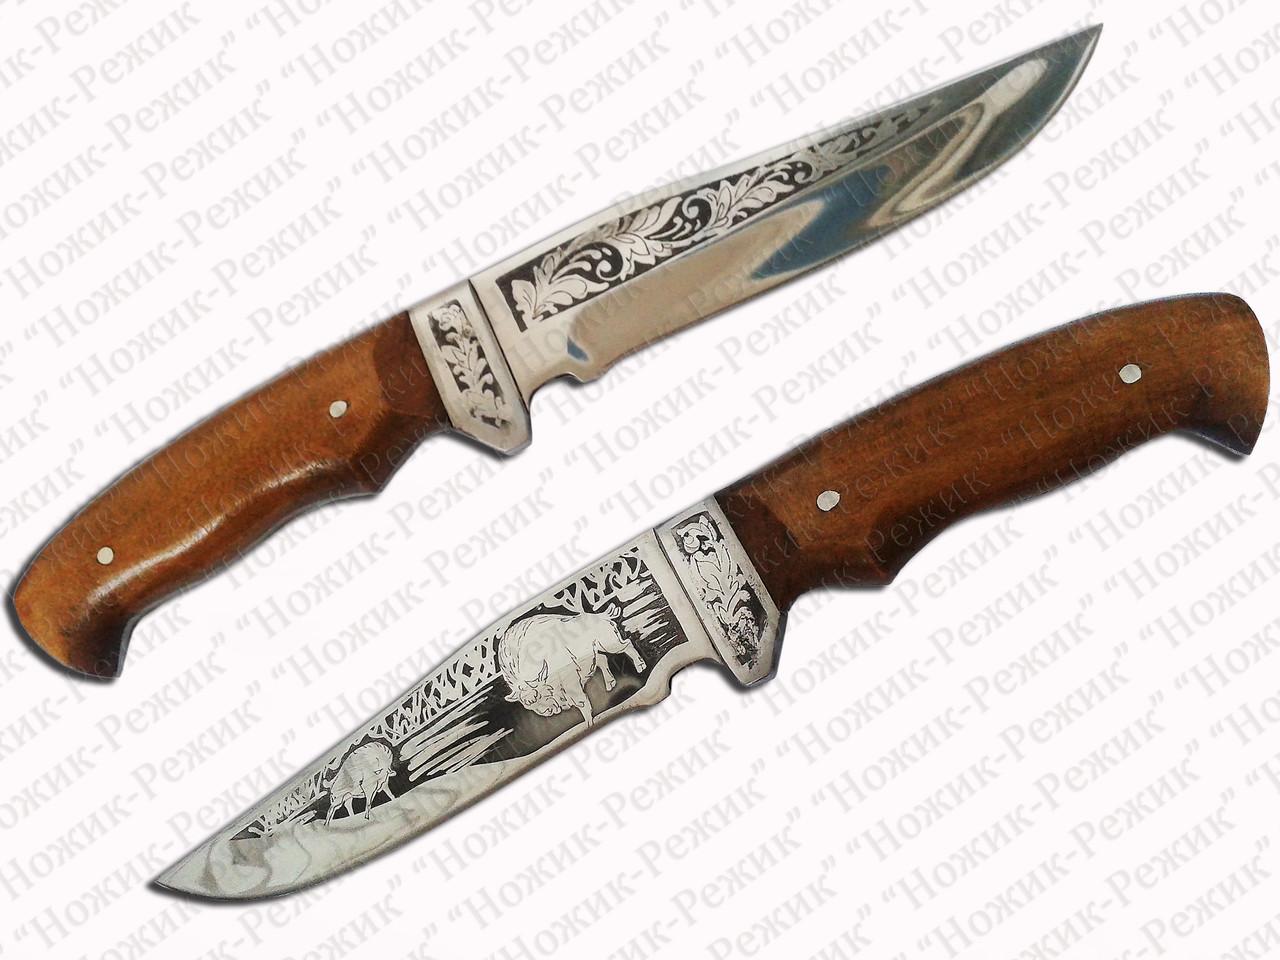 Нож туристический, нож охотничий, нож для рыбалки, нож АТО, стальной нож, нож для охоты и рыбалки